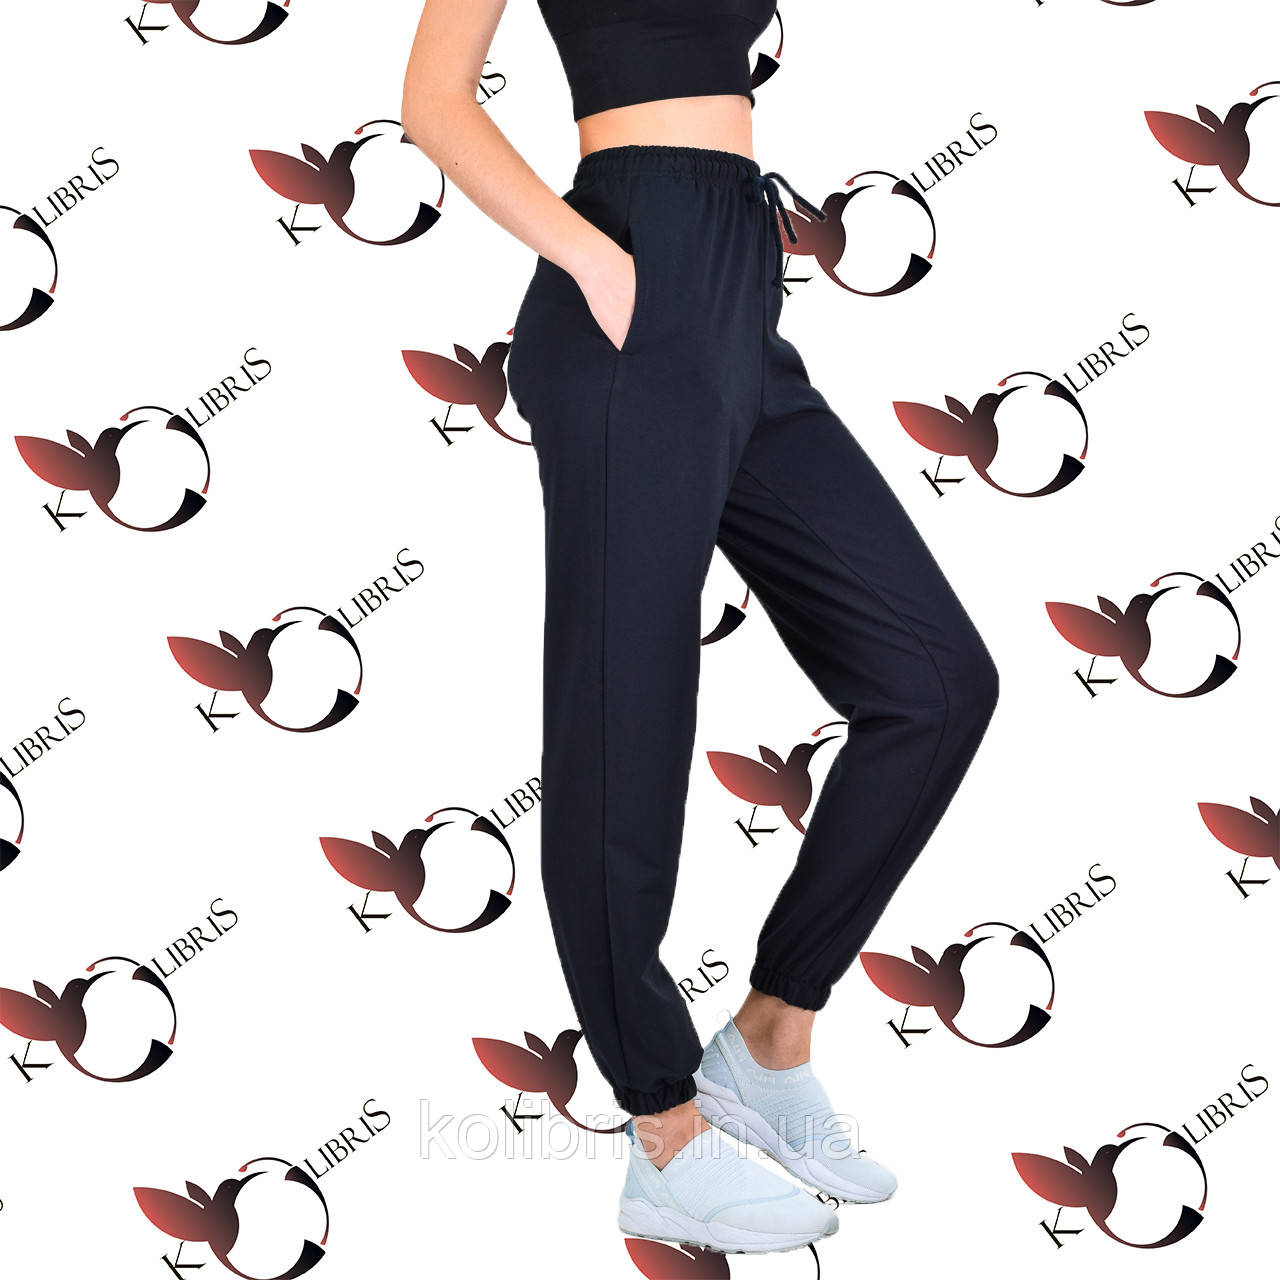 Женские объемные спортивные штанишки трикотаж темно-синего цвета